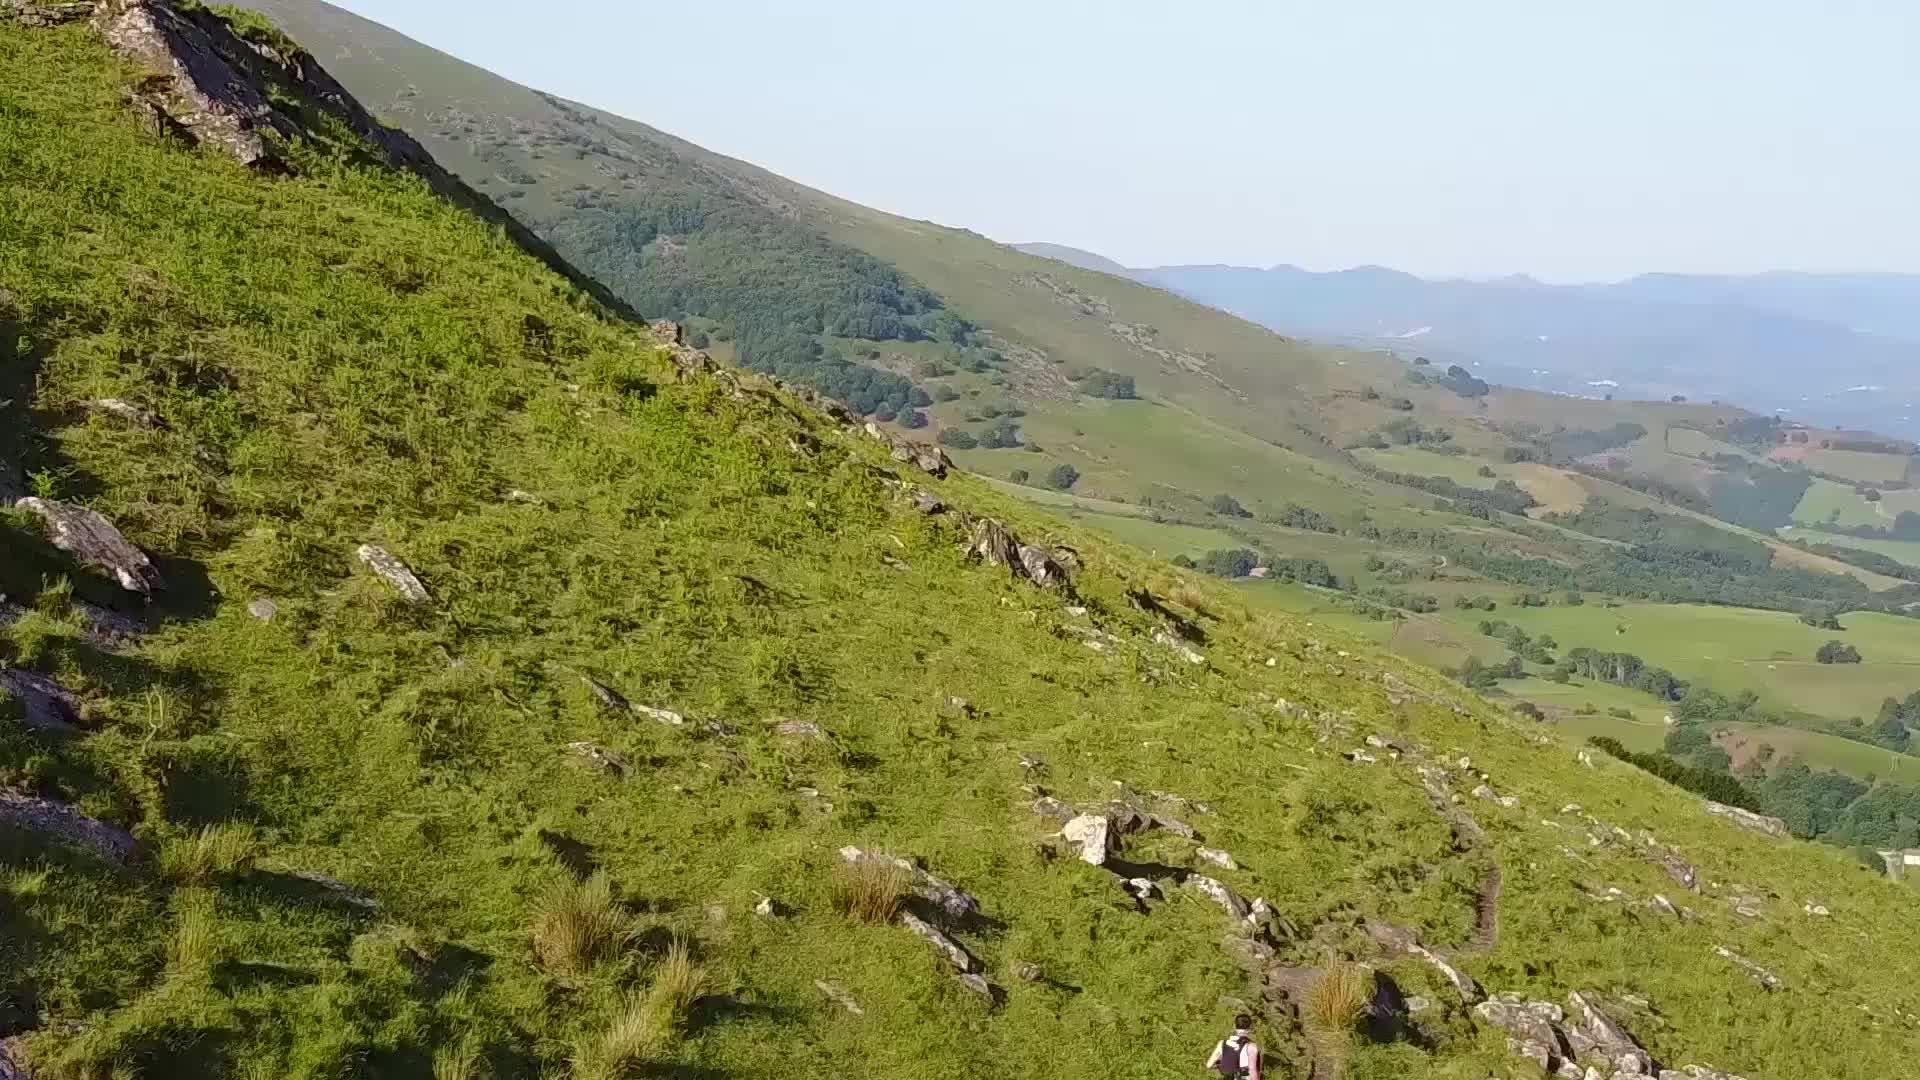 Euskal Trail 2017: Izpegin jan/edan hornitze gunean